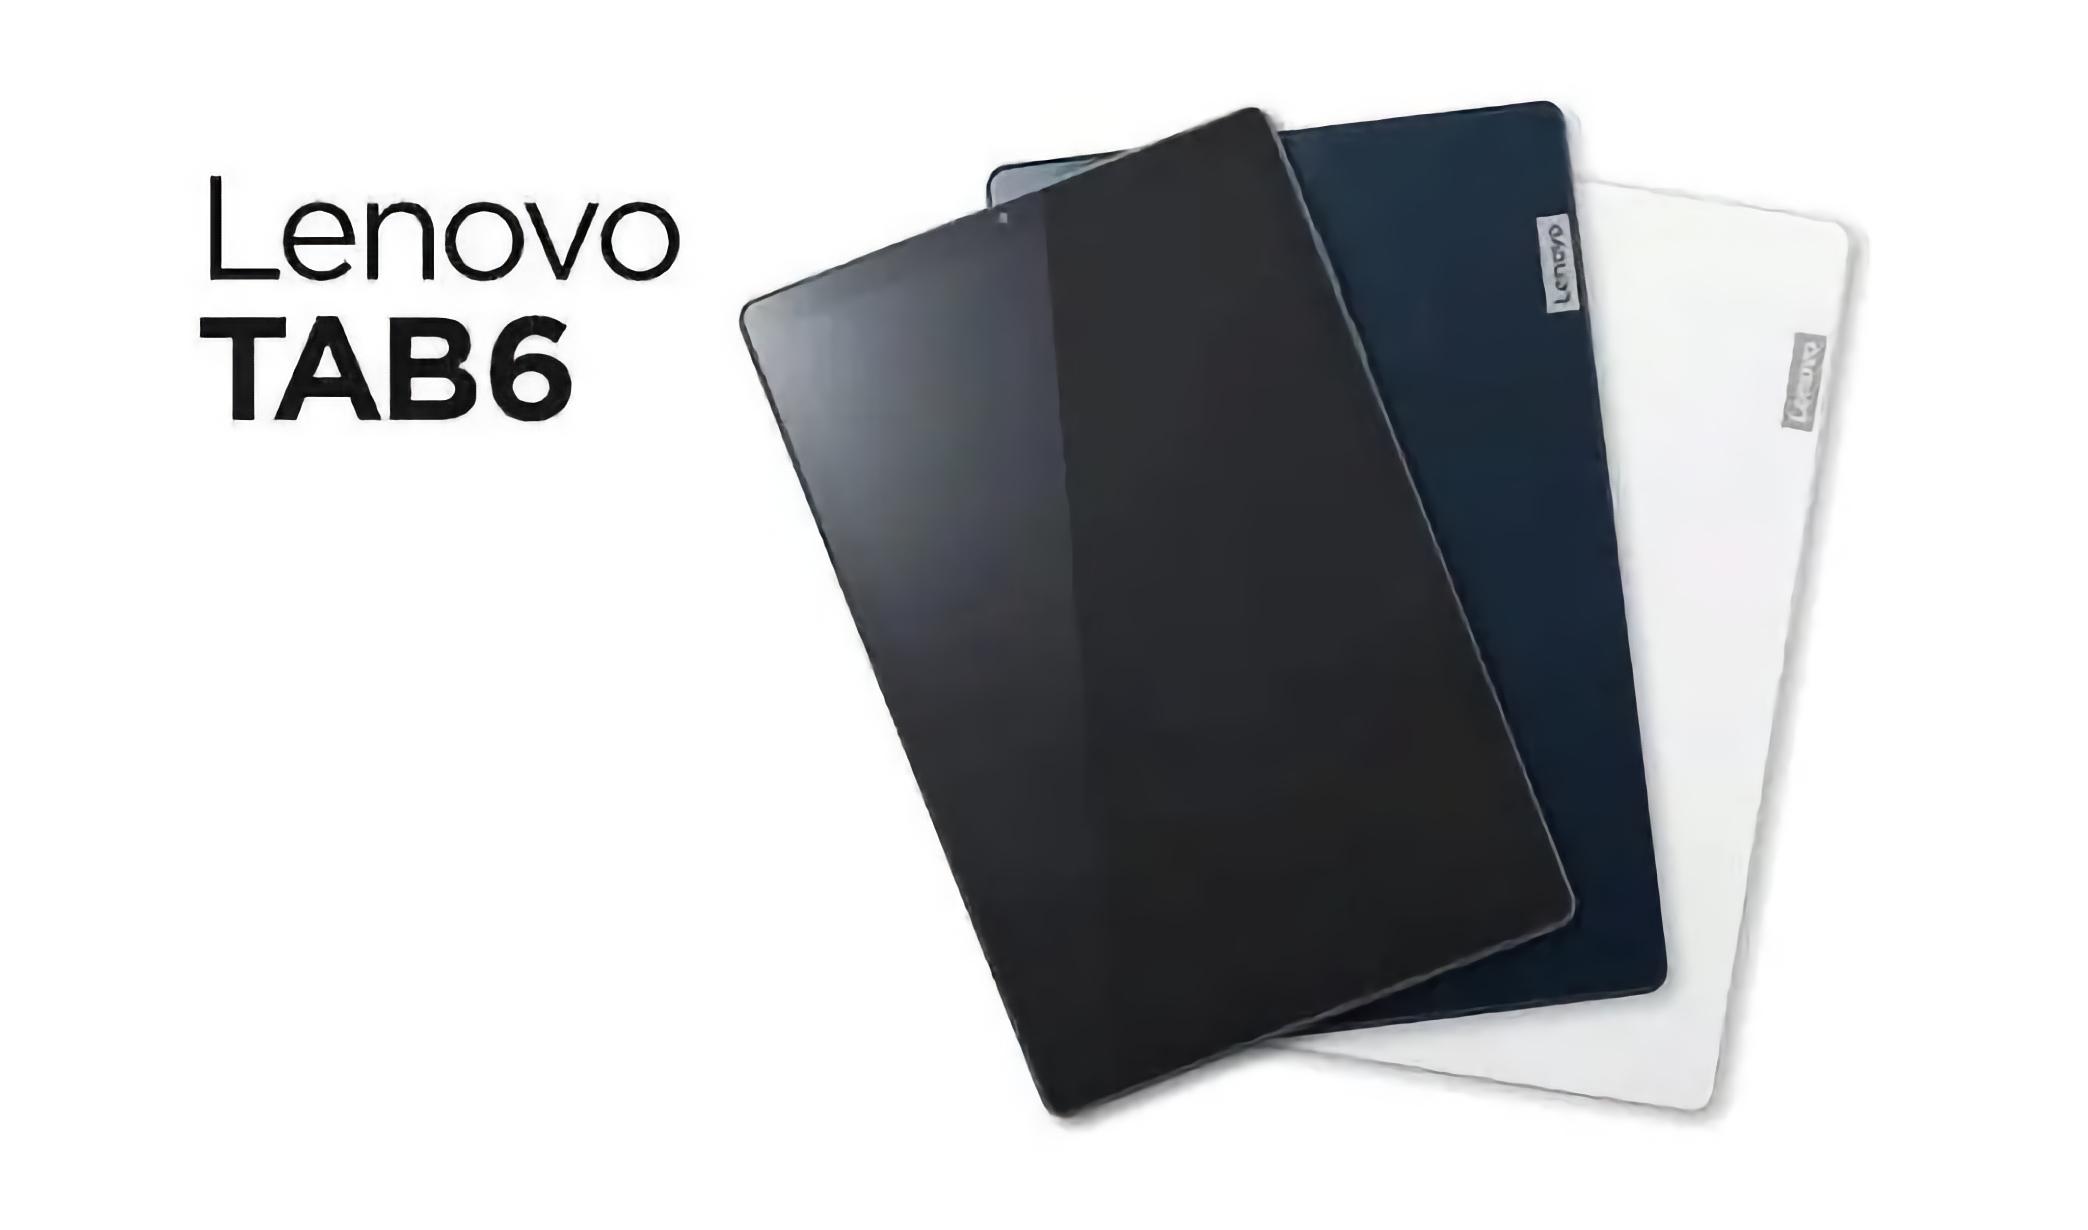 Lenovo TAB 6: планшет с 10.3-дюймовым экраном, процессором Snapdragon 690 и защитой IPX3/IP5X